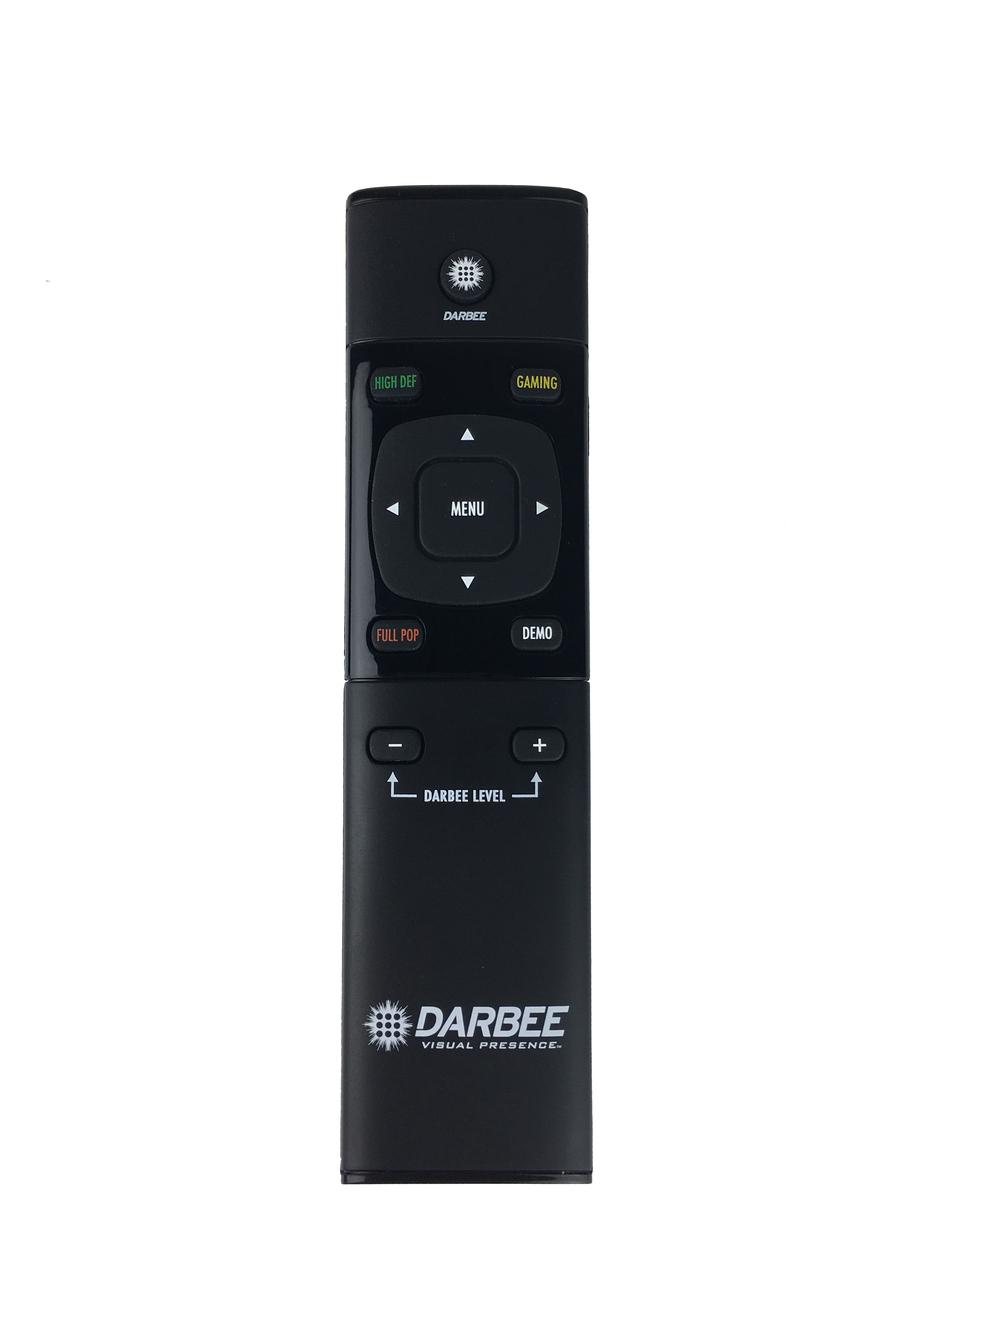 DARBEE DVP-5000S telecommande